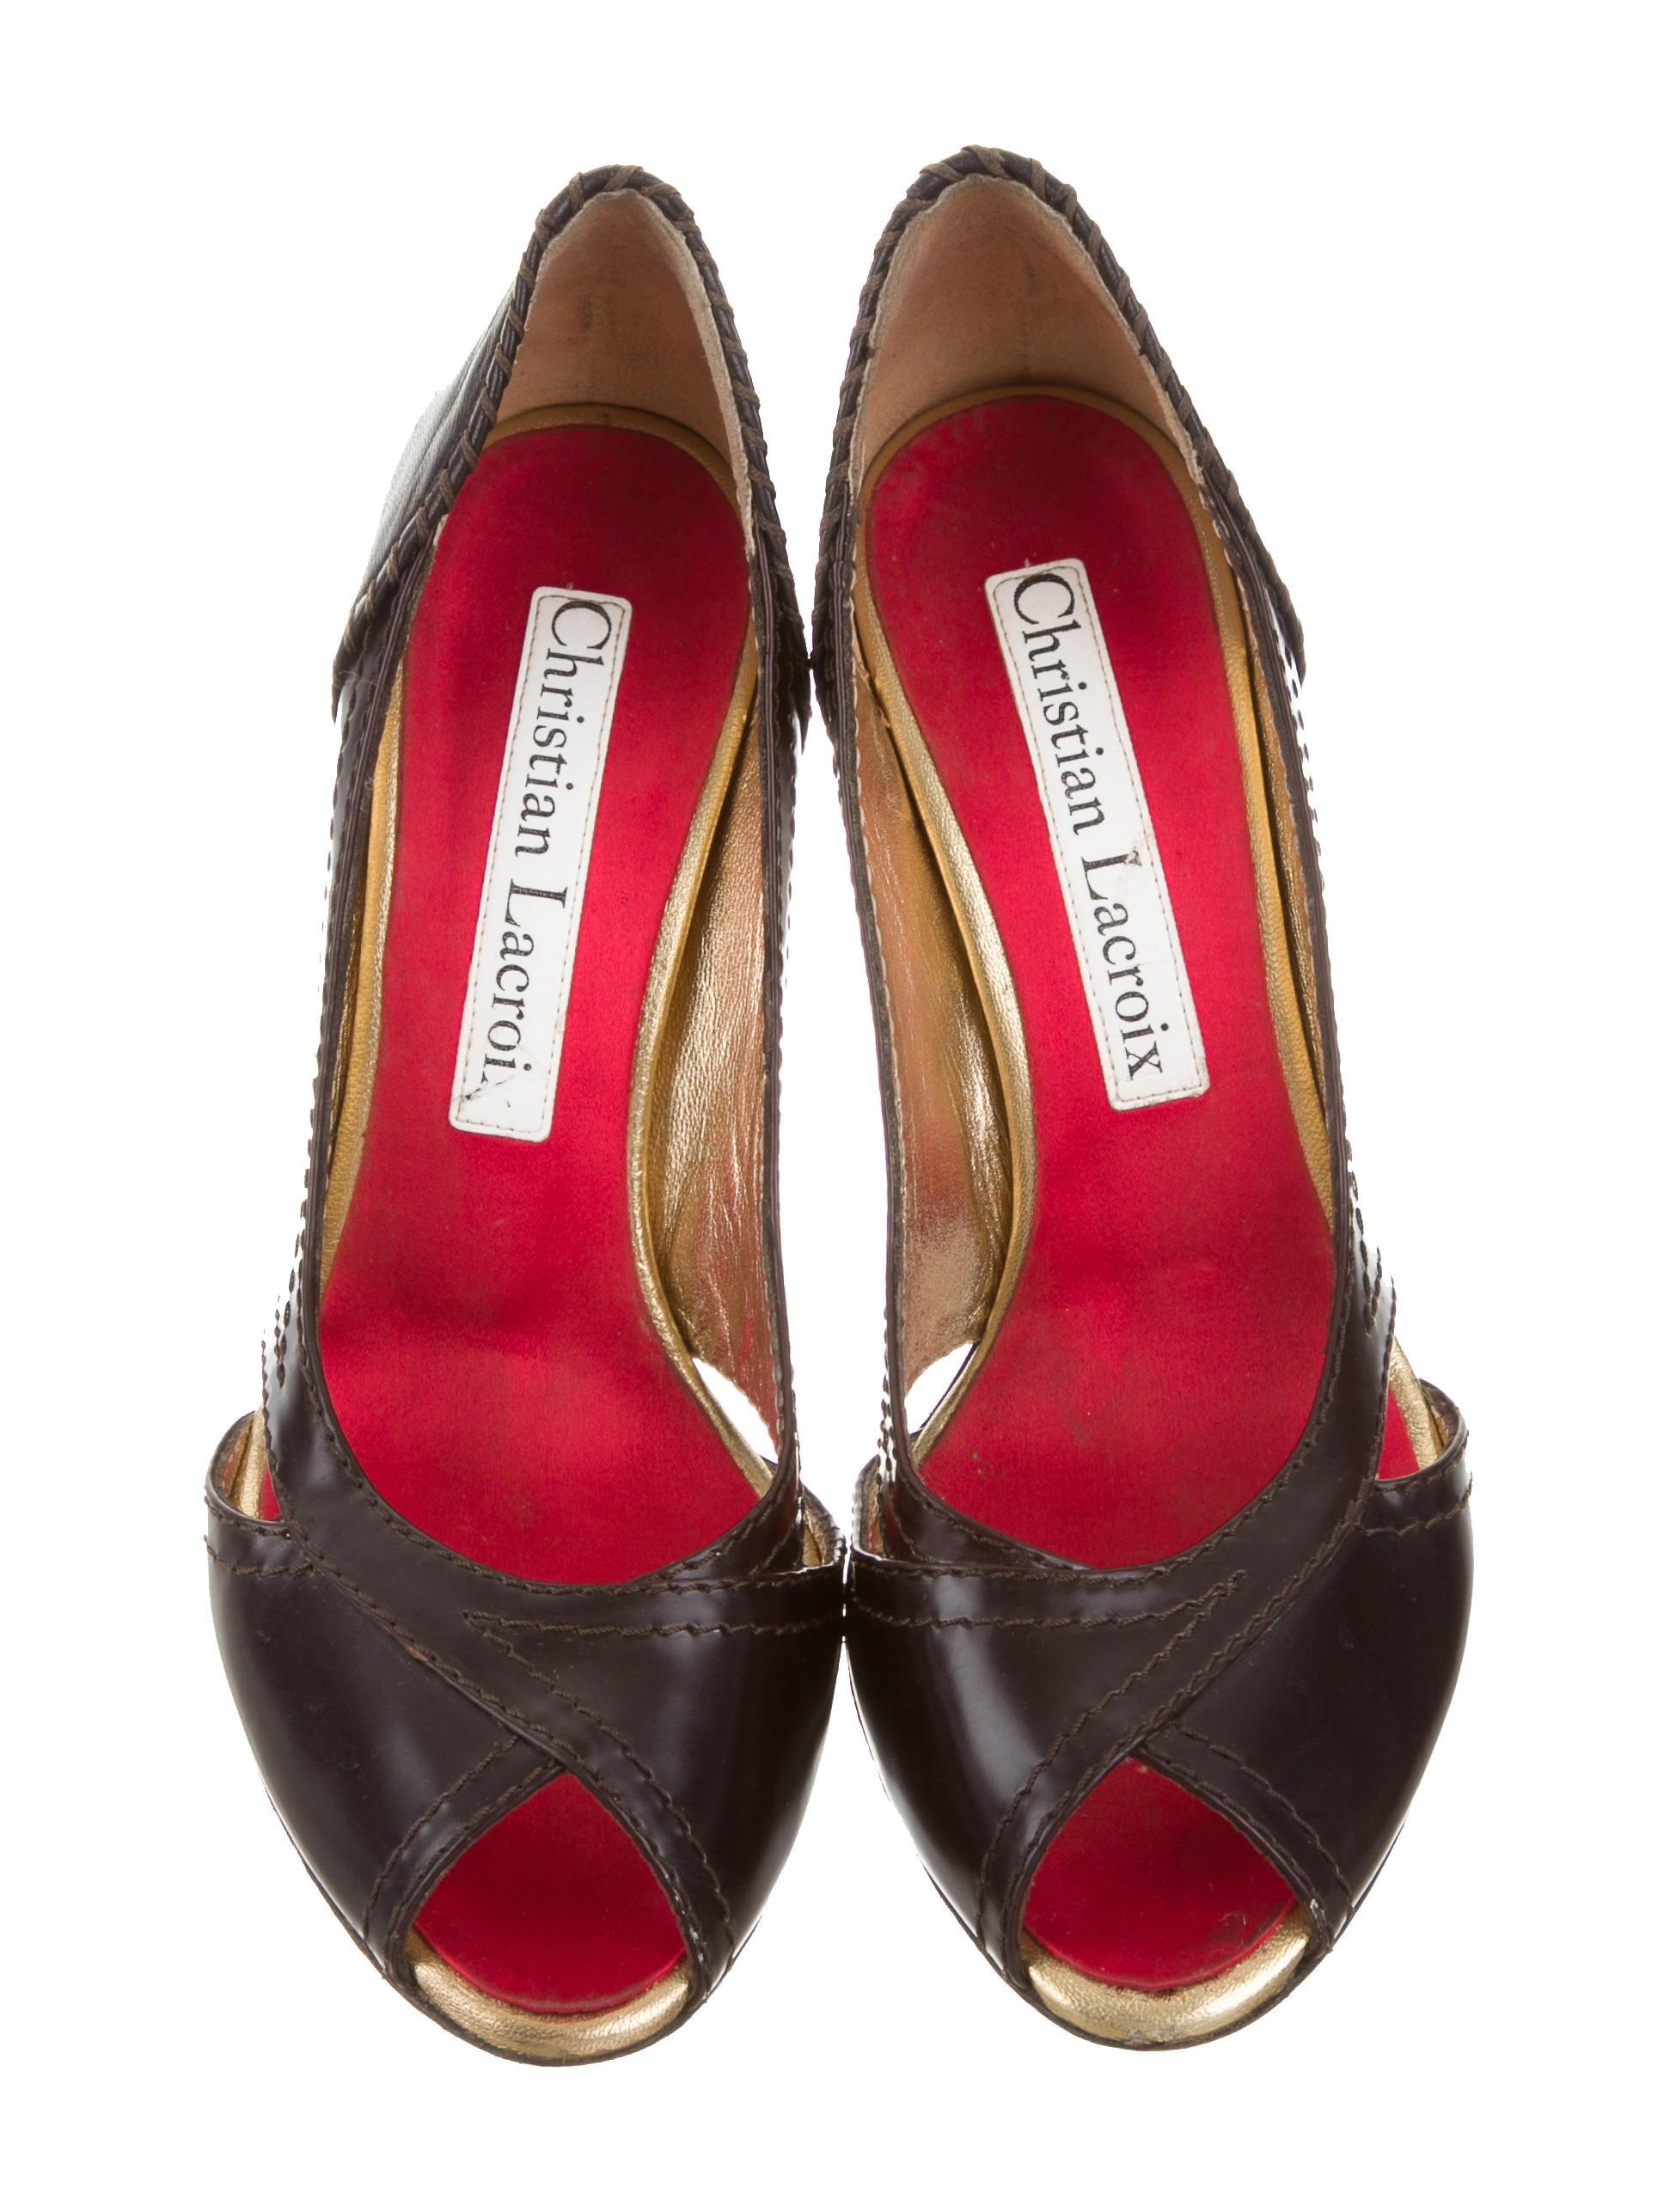 Christian Lacroix Leather Peep Toe Pumps Shoes